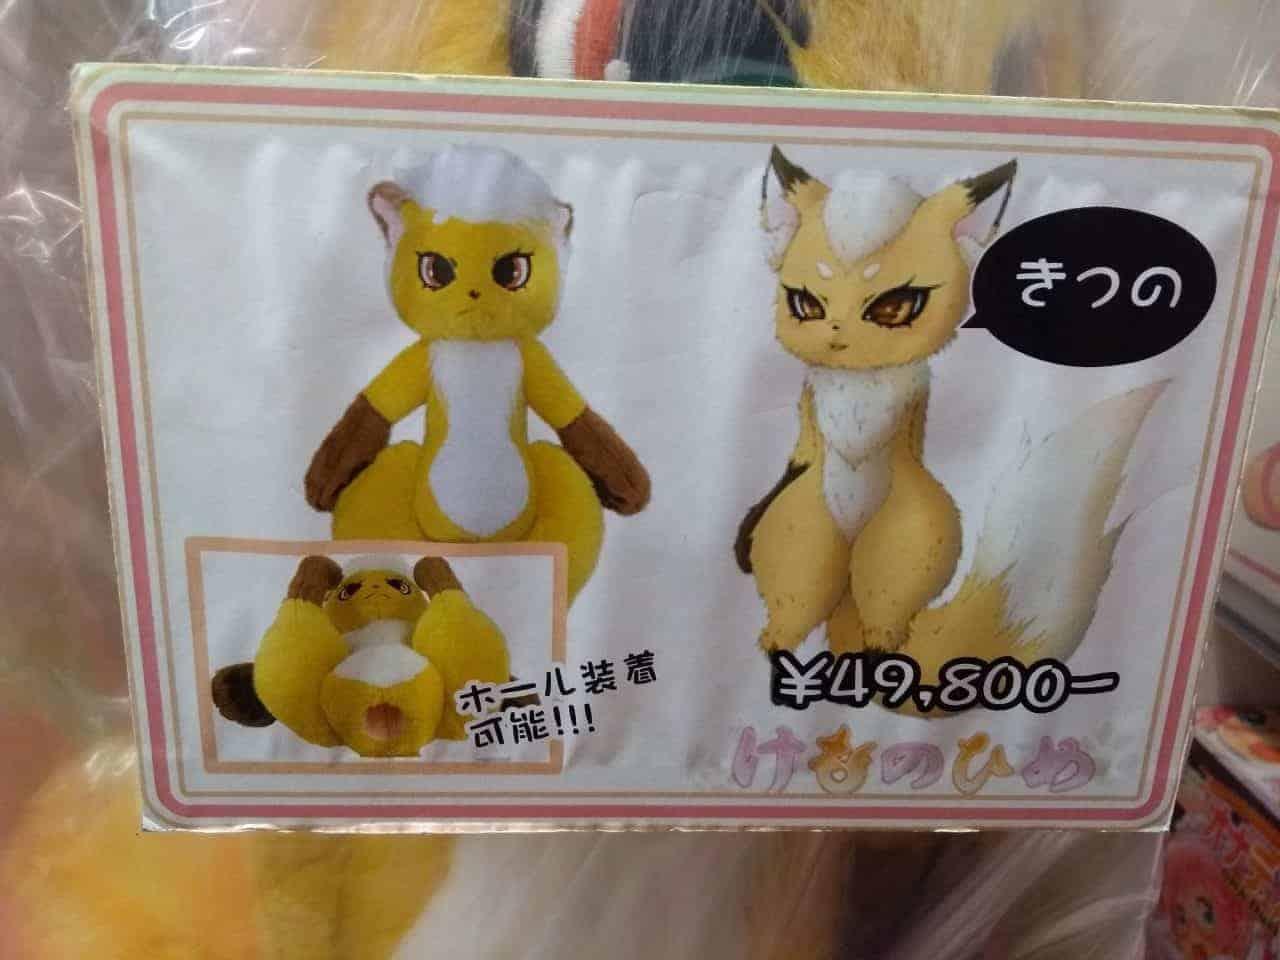 Japan VR Porn